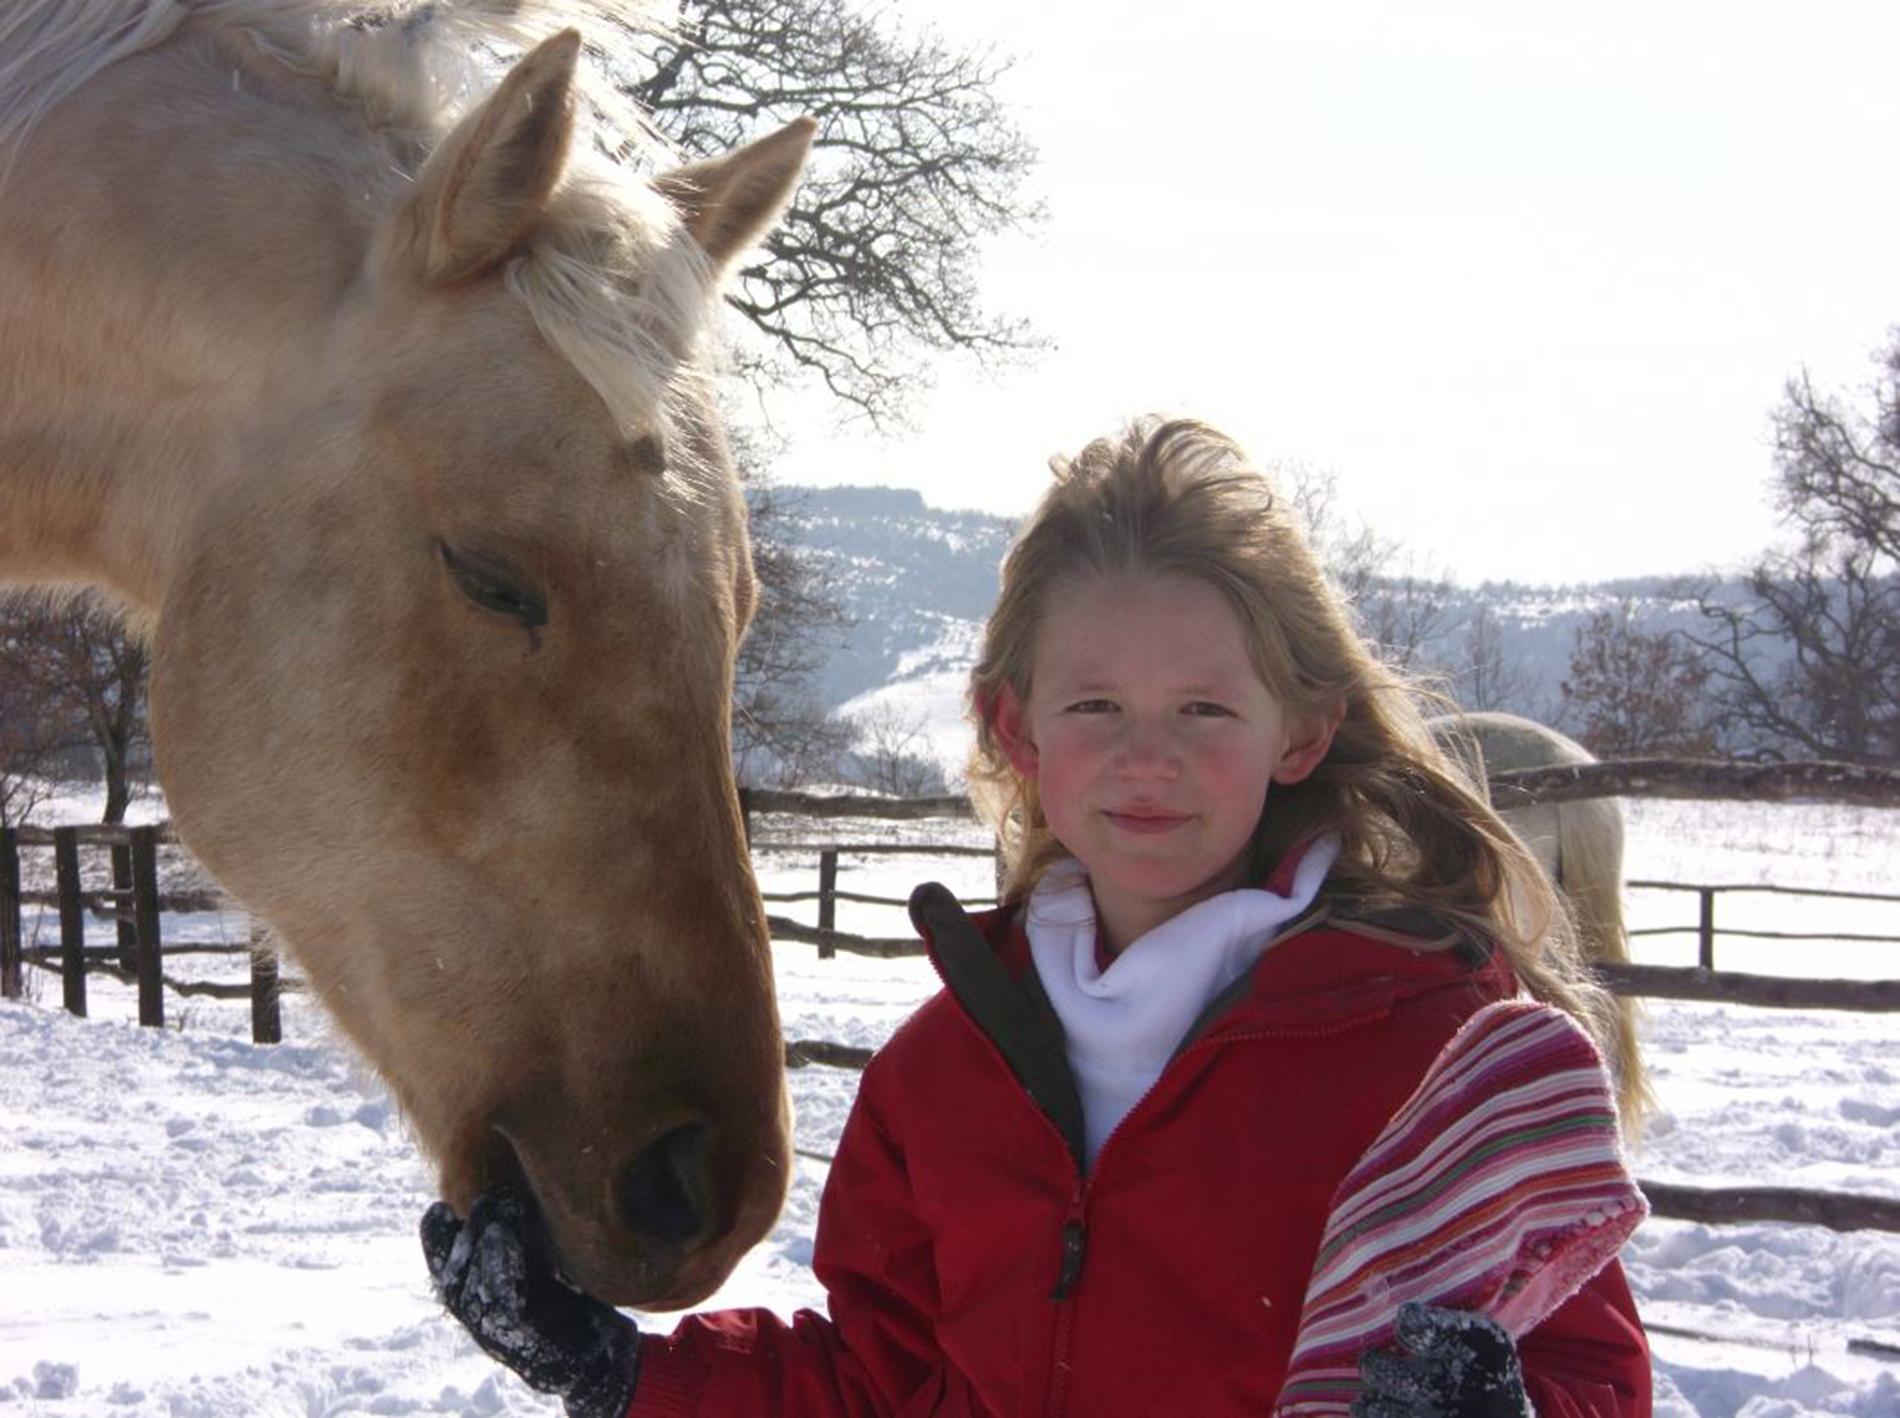 """Jahren schon ein """"Pferdemensch"""", der von Oakey voll respektiert wird. Wichtig ist auch das Zusammensein mit dem Pferd, ohne etwas von ihm zu fordern. © 2015, AsvaNara, BU: Bernd Paschel"""